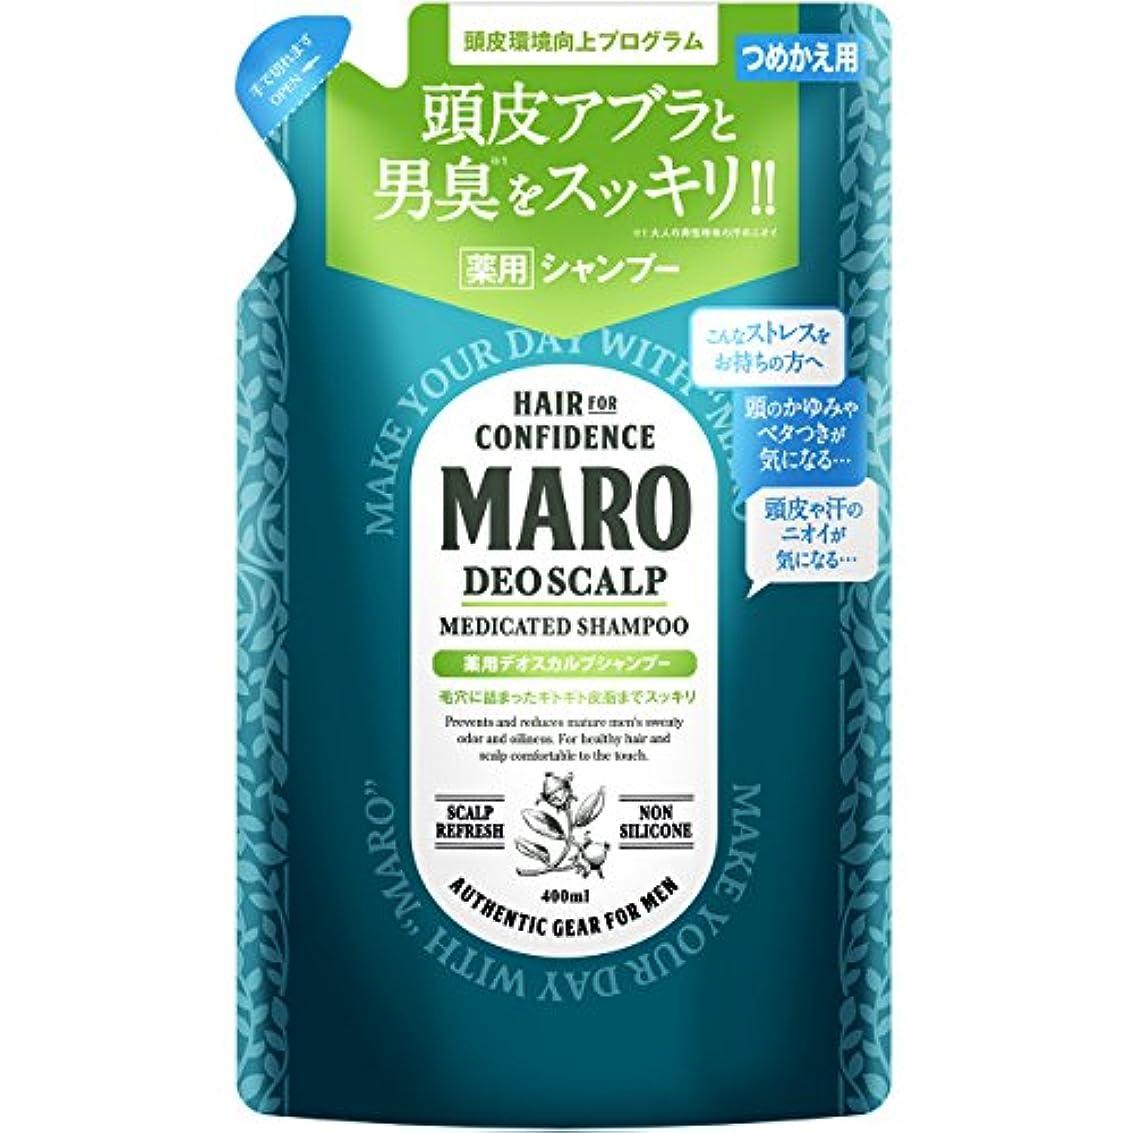 スキーインチ日常的にMARO 薬用 デオスカルプ シャンプー 詰め替え 400ml 【医薬部外品】